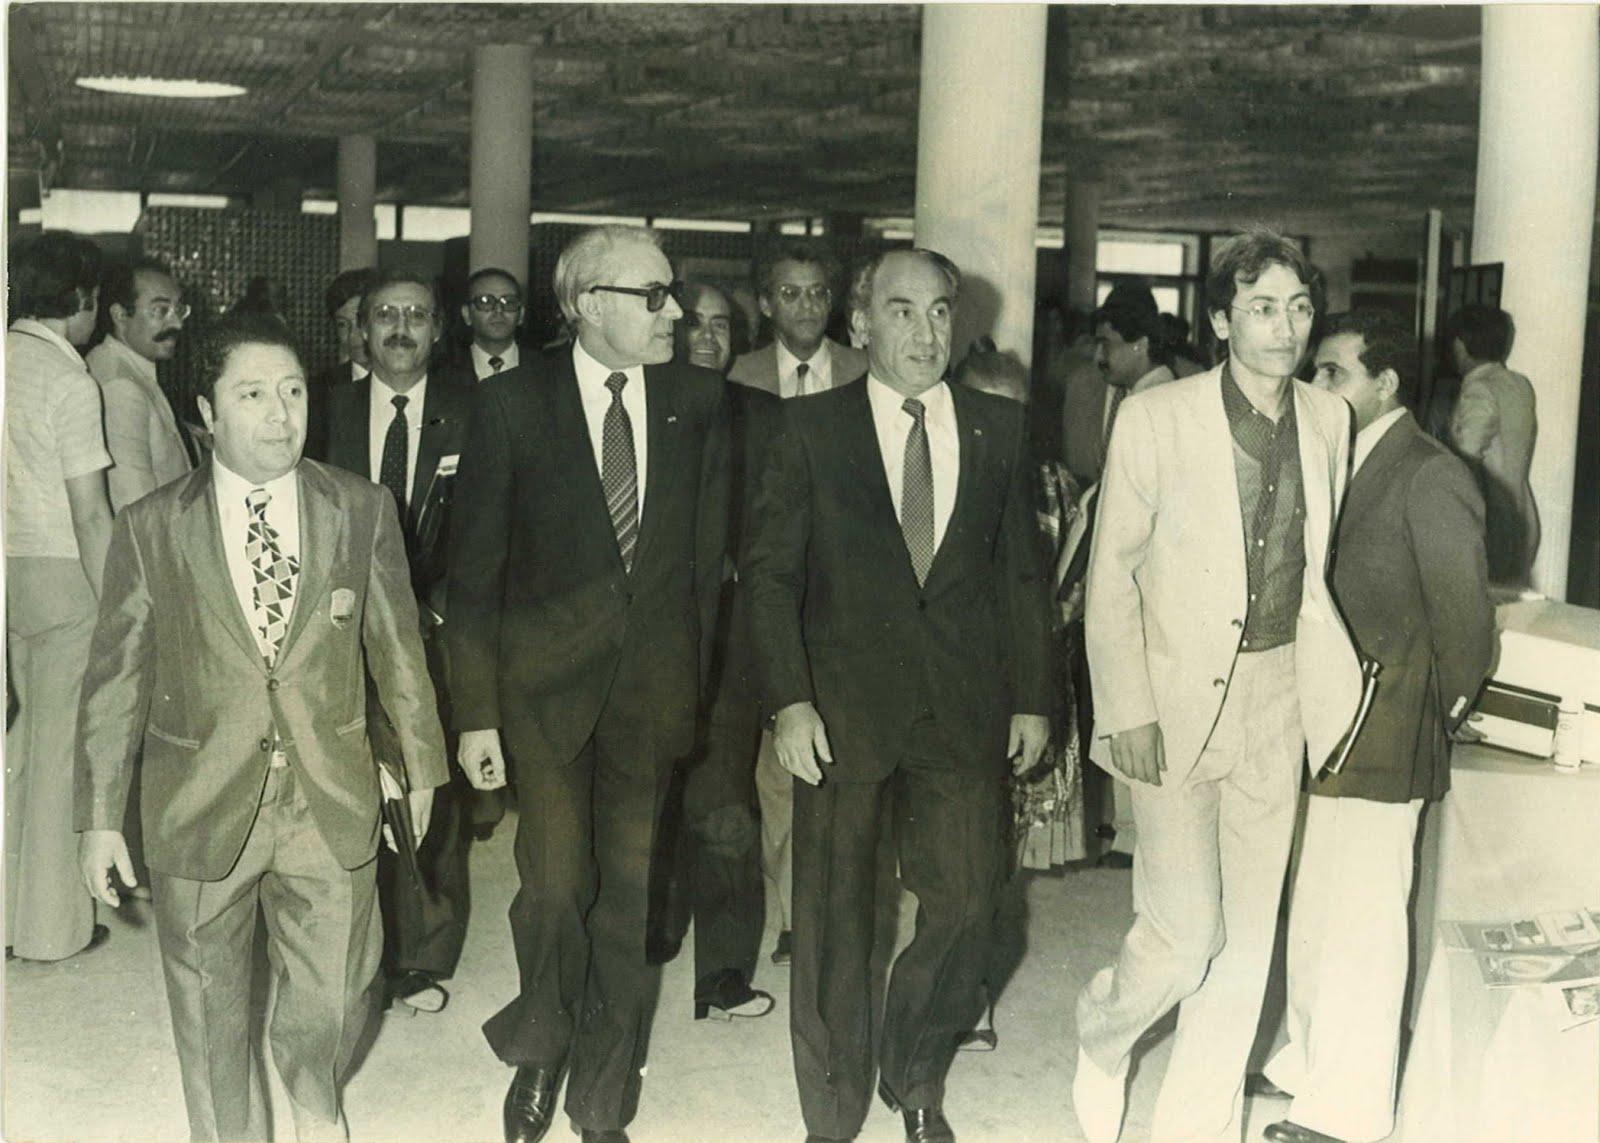 Avec Mohamed Mzali, Rchid Sfar, feu Pr Mohamed Chelly